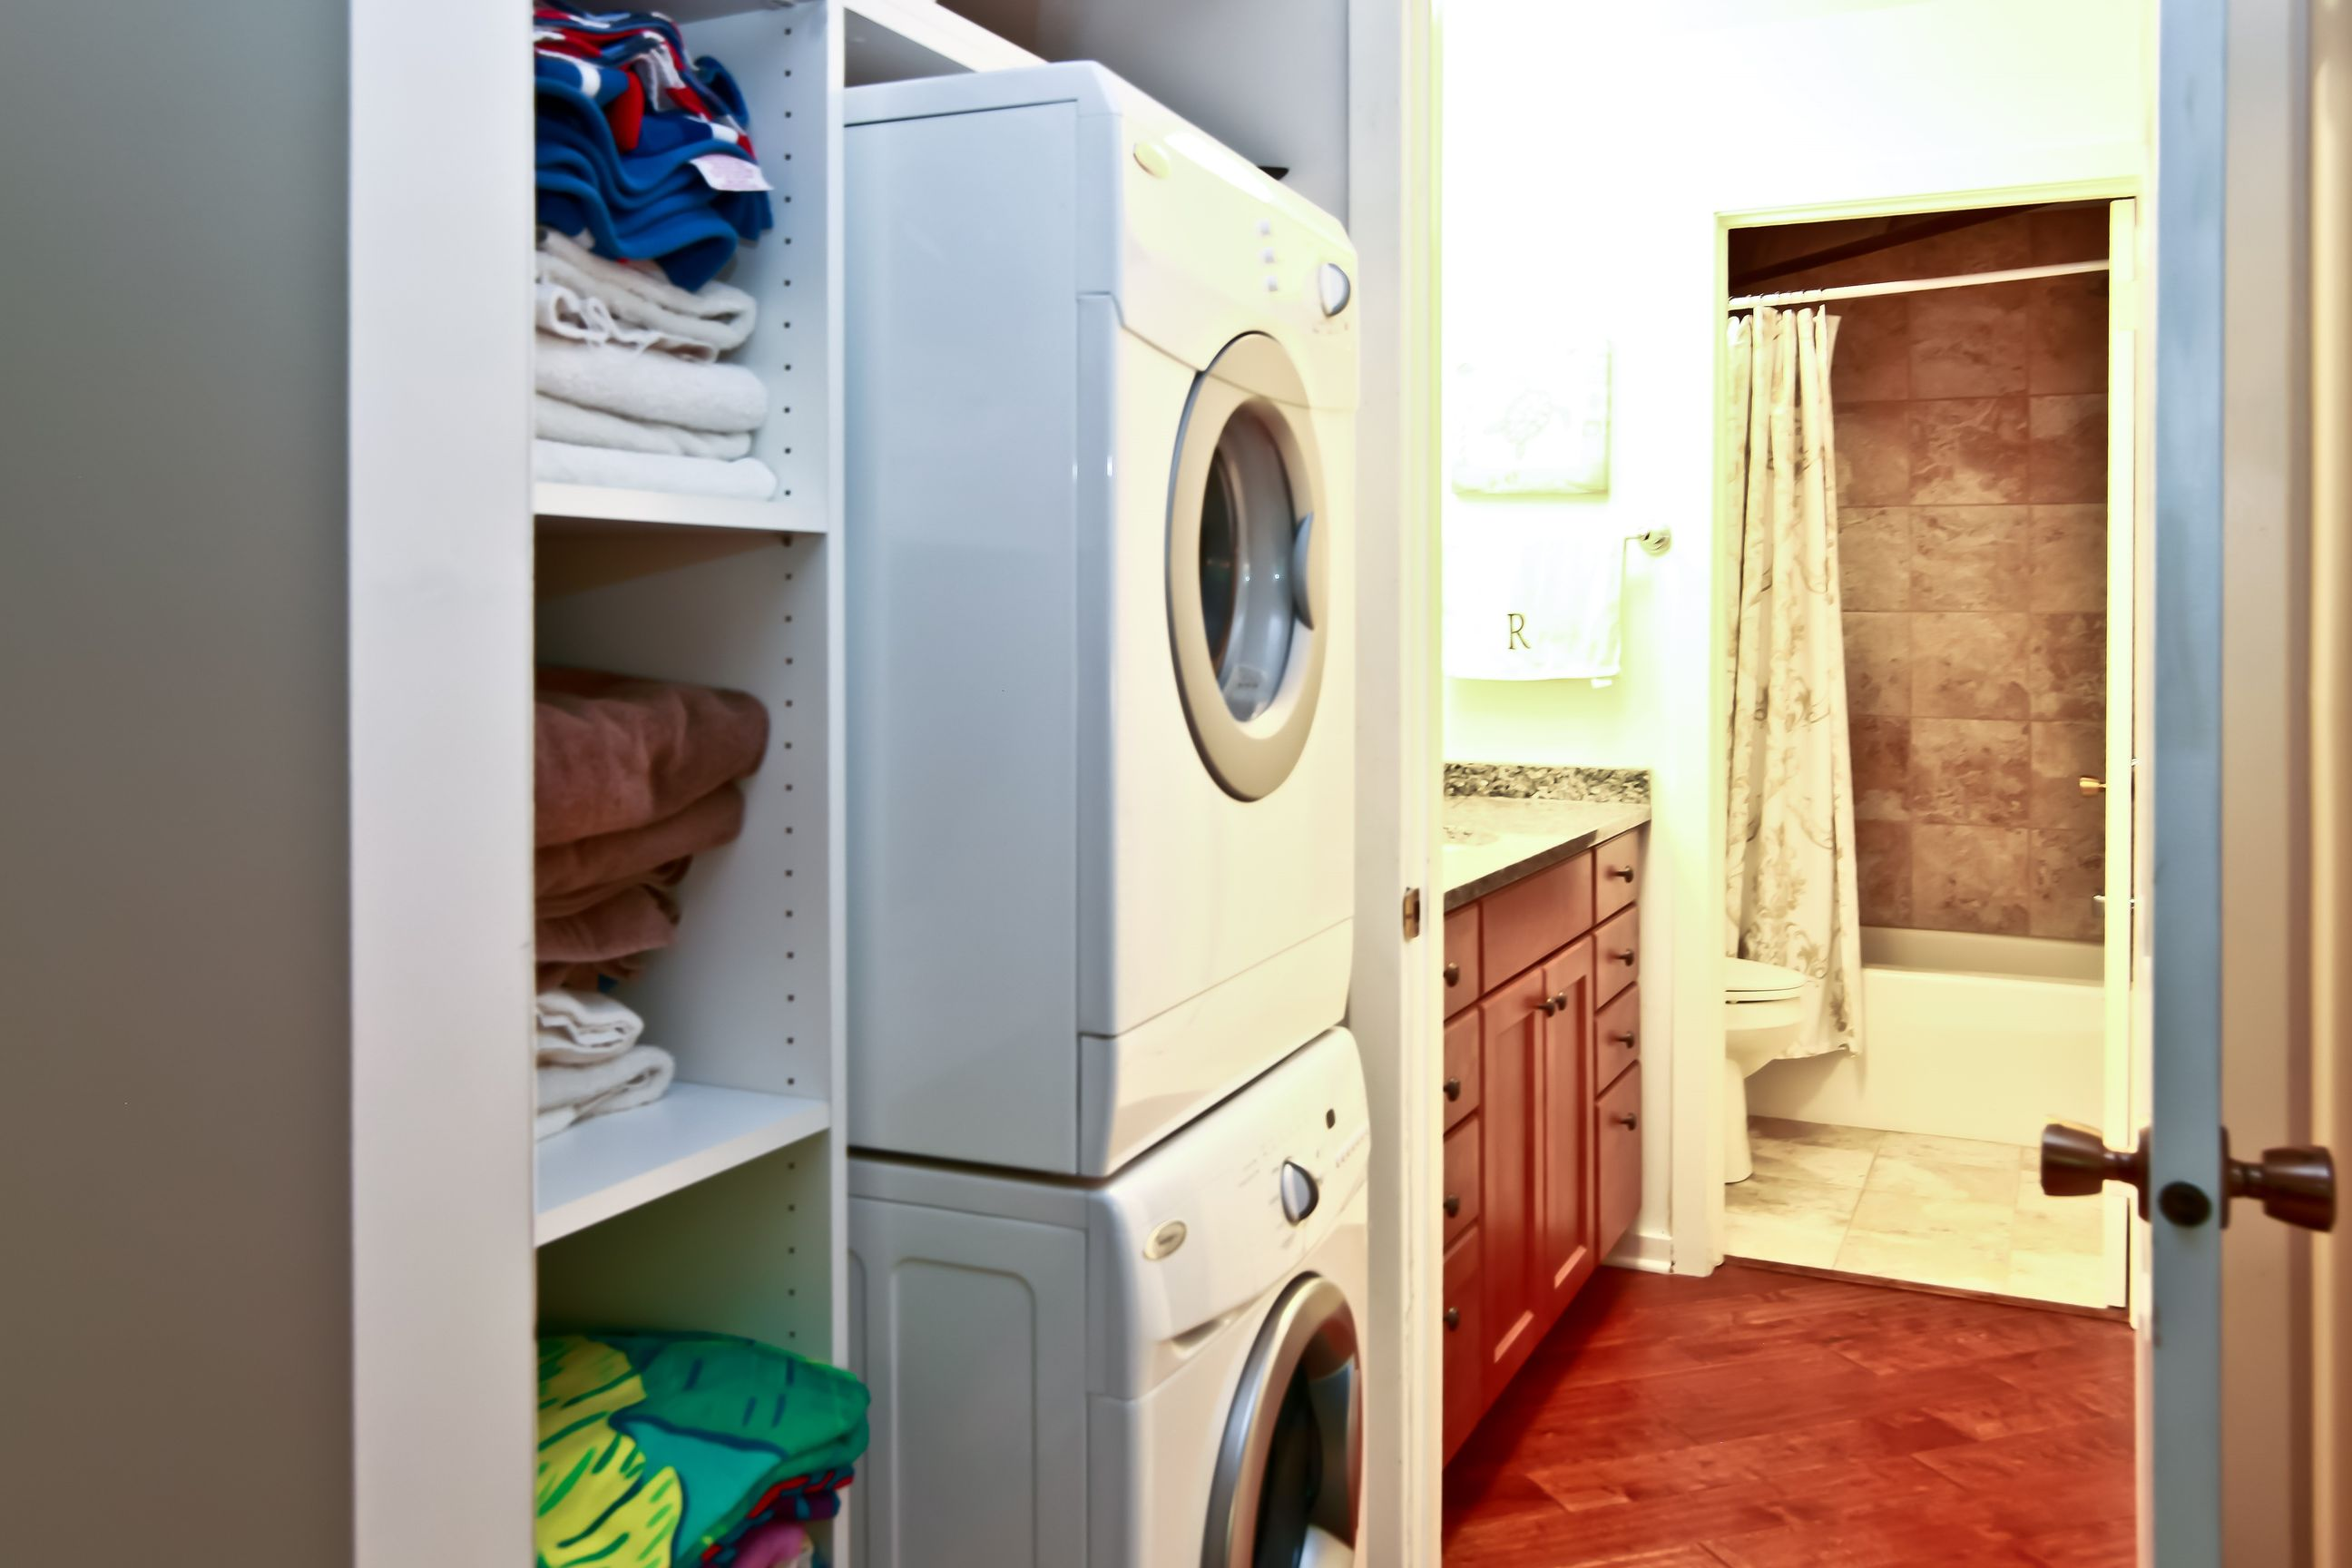 08_404ADeerpathWest_44_LaundryRoom_HiRes.jpg